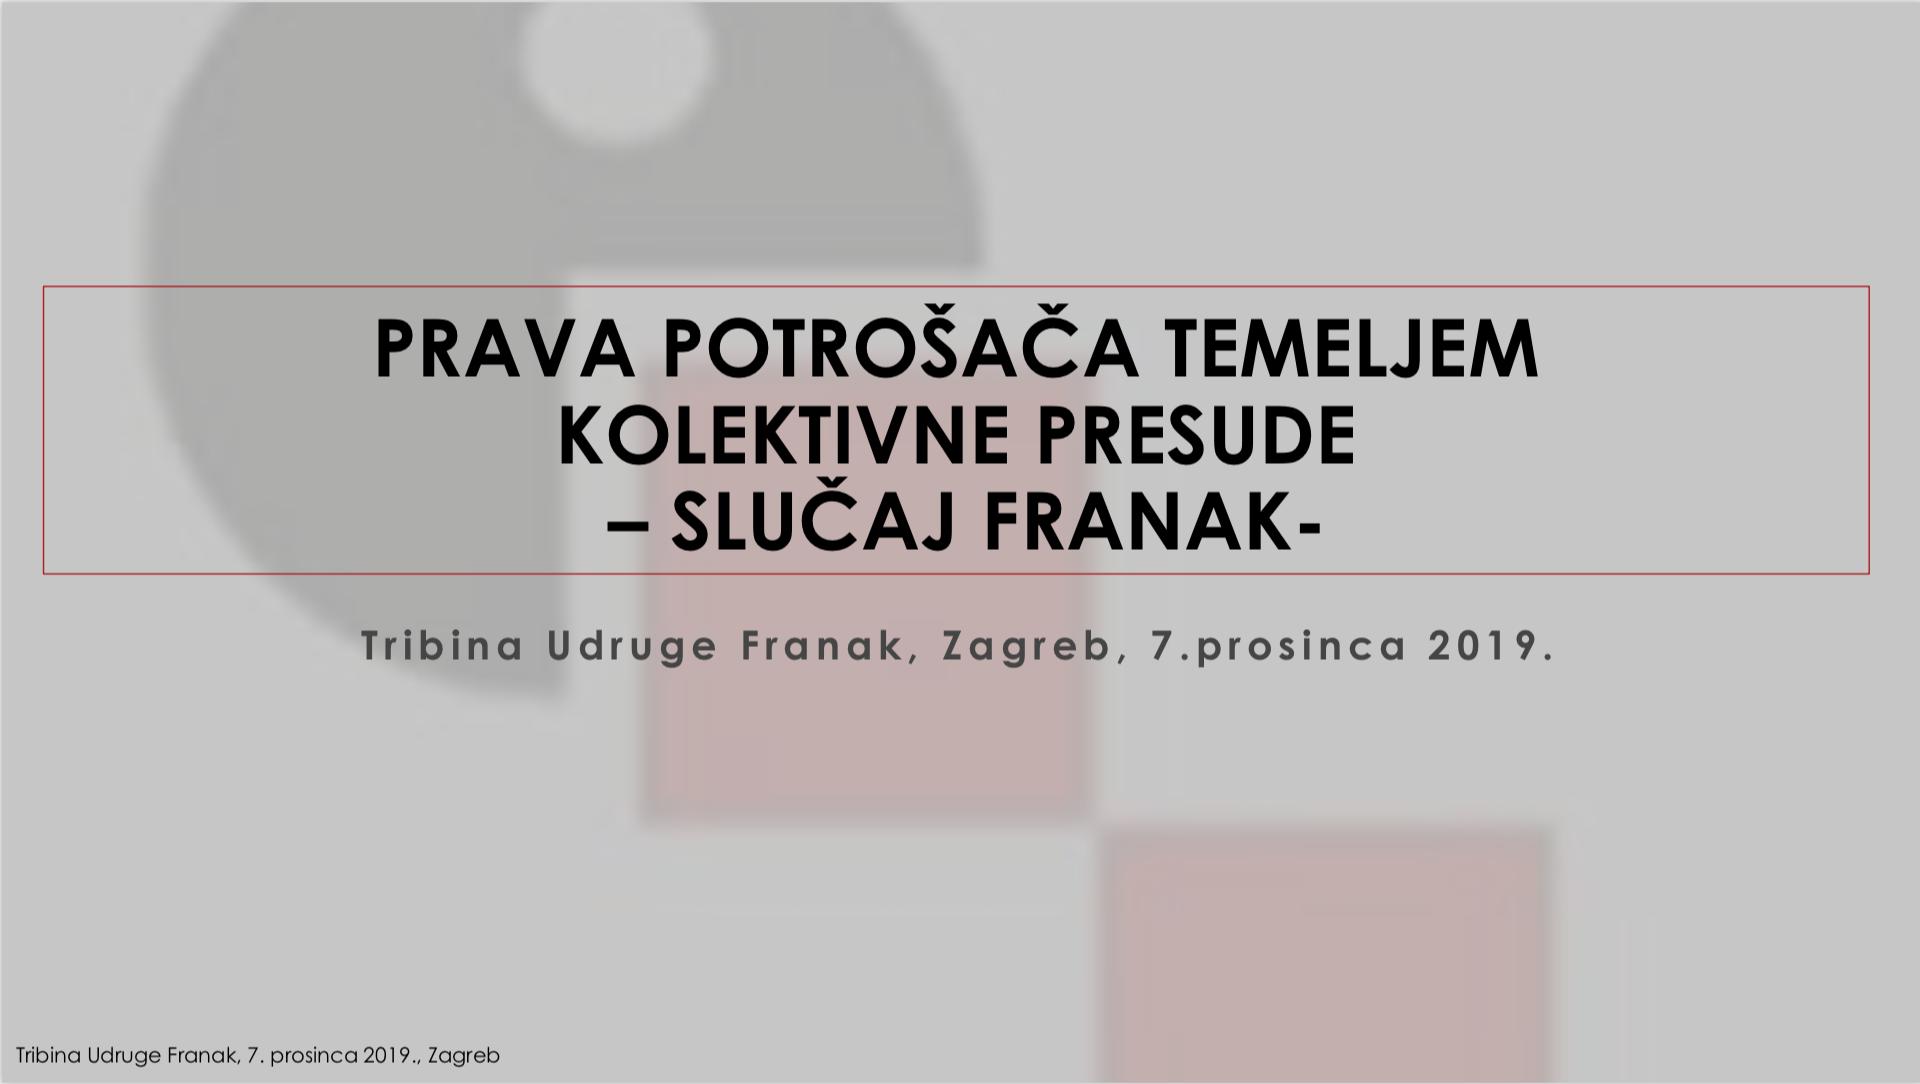 PRAVA POTROŠAČA TEMELJEM KOLEKTIVNE PRESUDE - SLUČAJ FRANAK